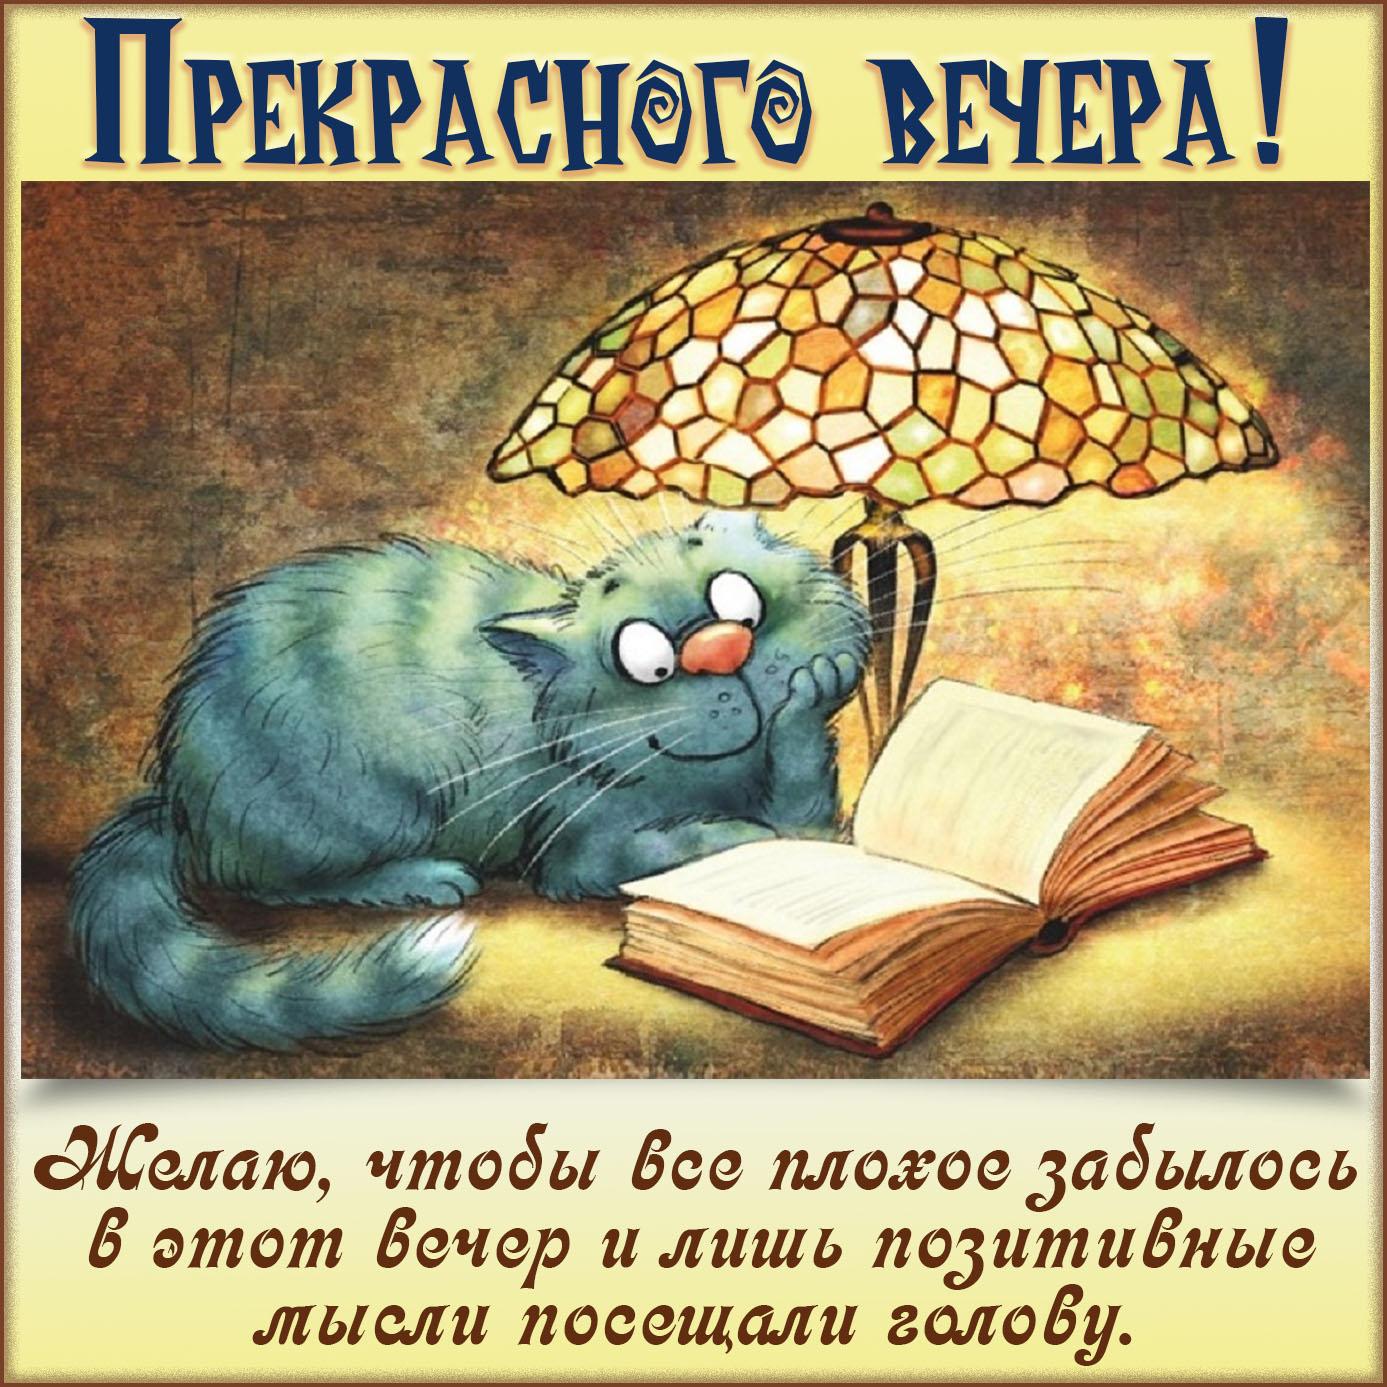 Котик с книжкой желает прекрасного вечера